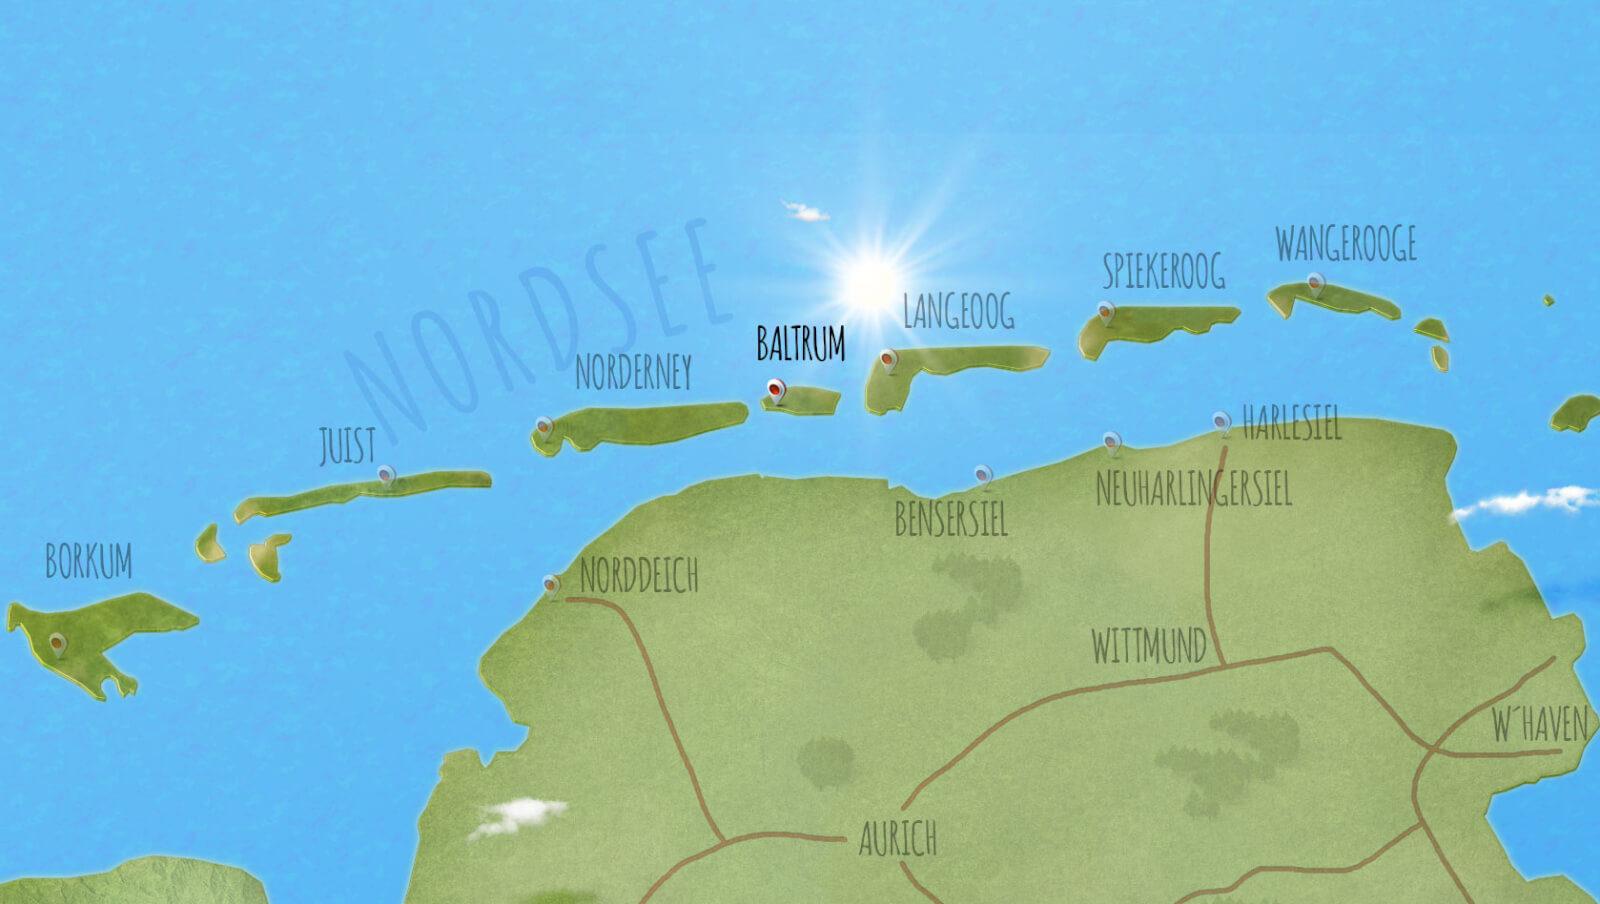 Wo liegt Baltrum? Zwischen Norderney und Langeoog